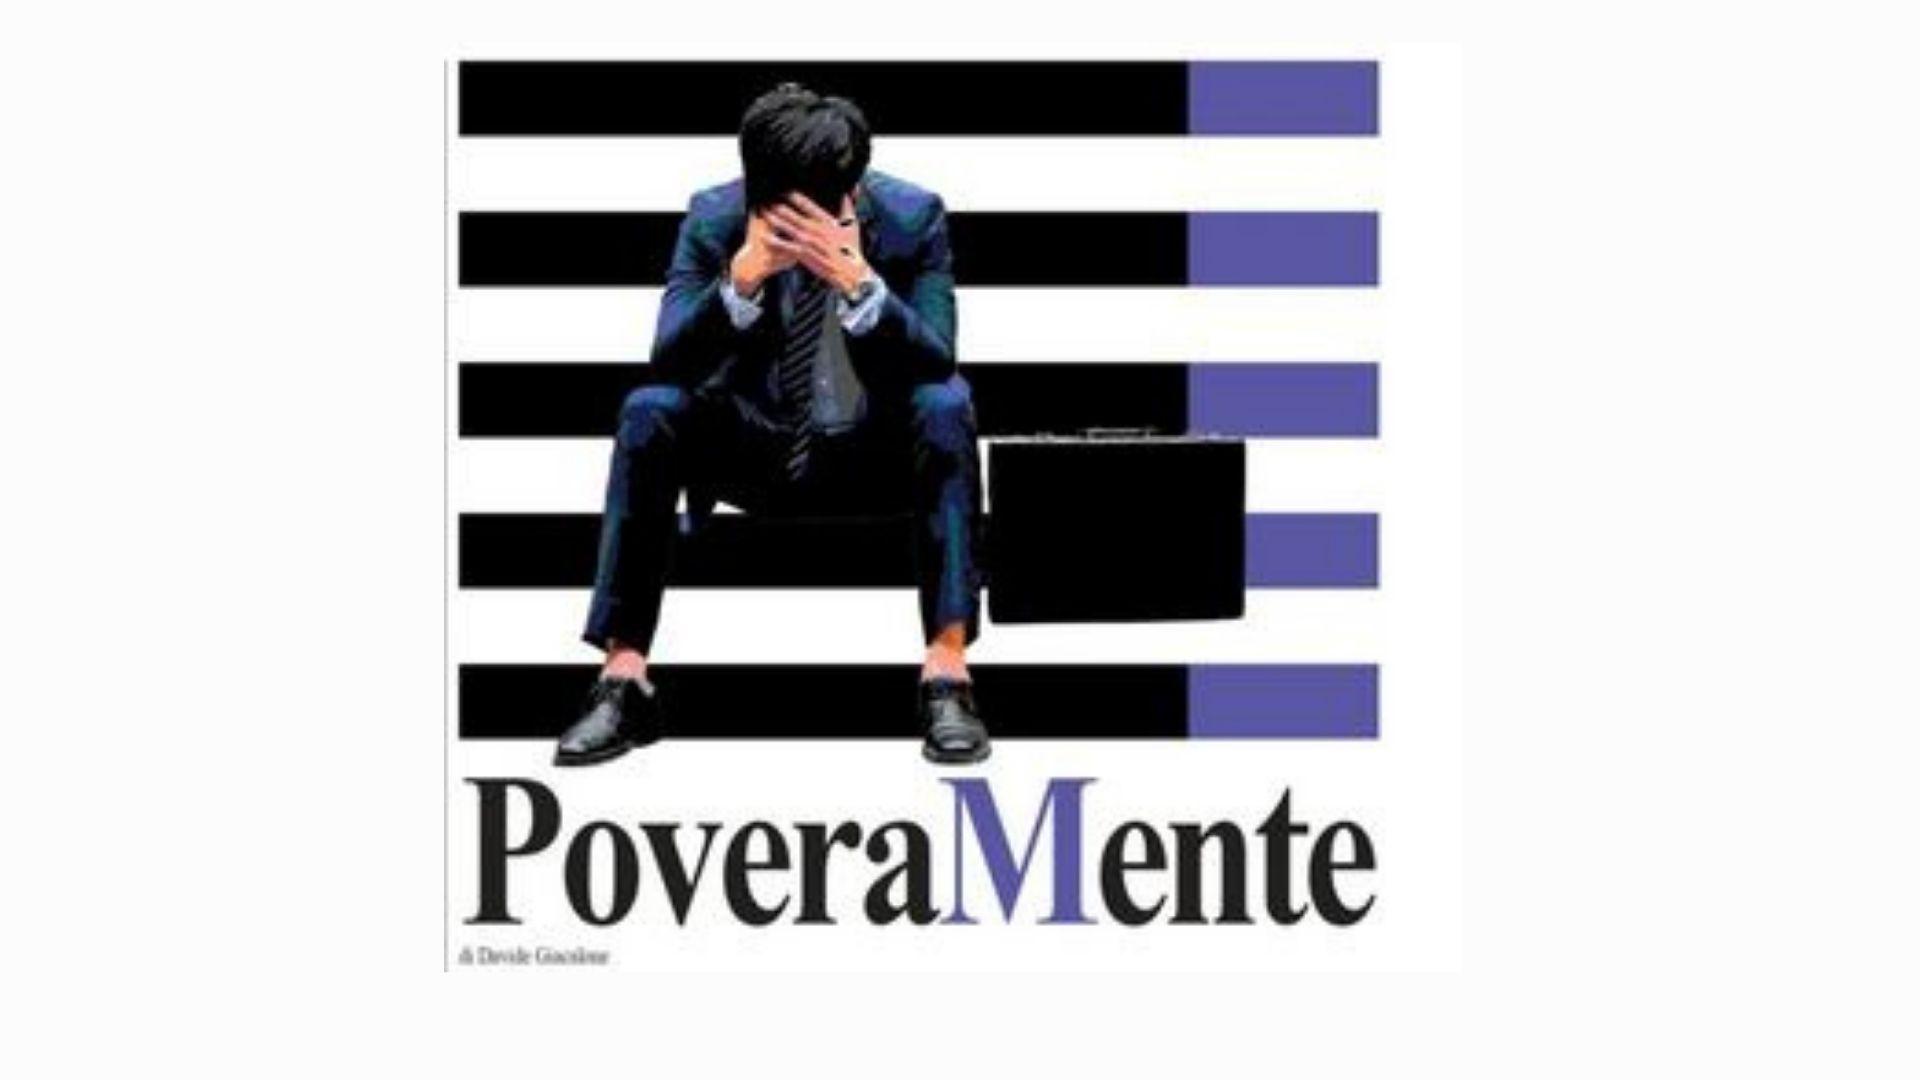 PoveraMente